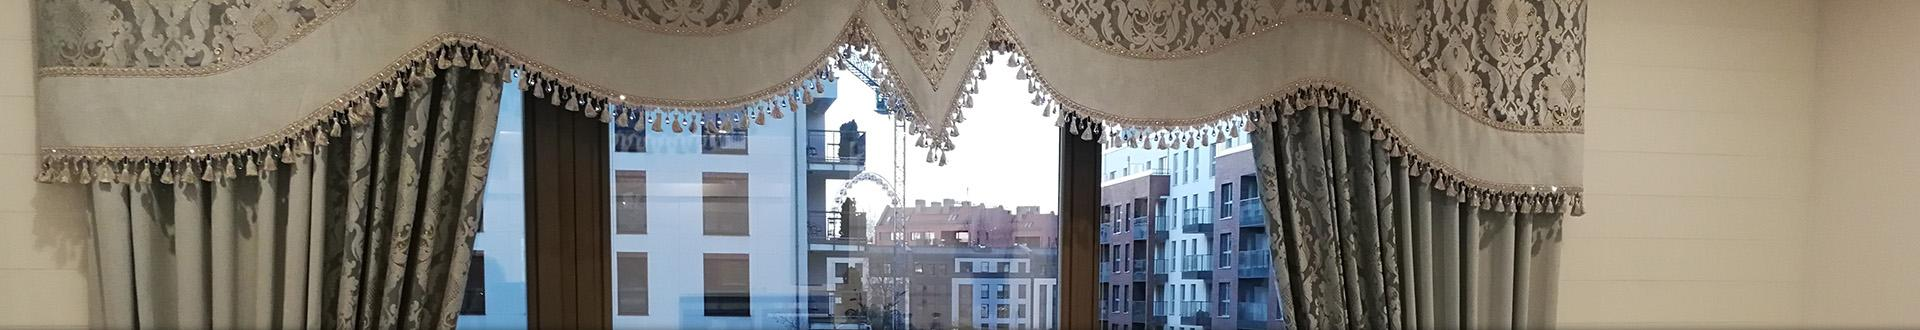 Firany w oknie - Banner